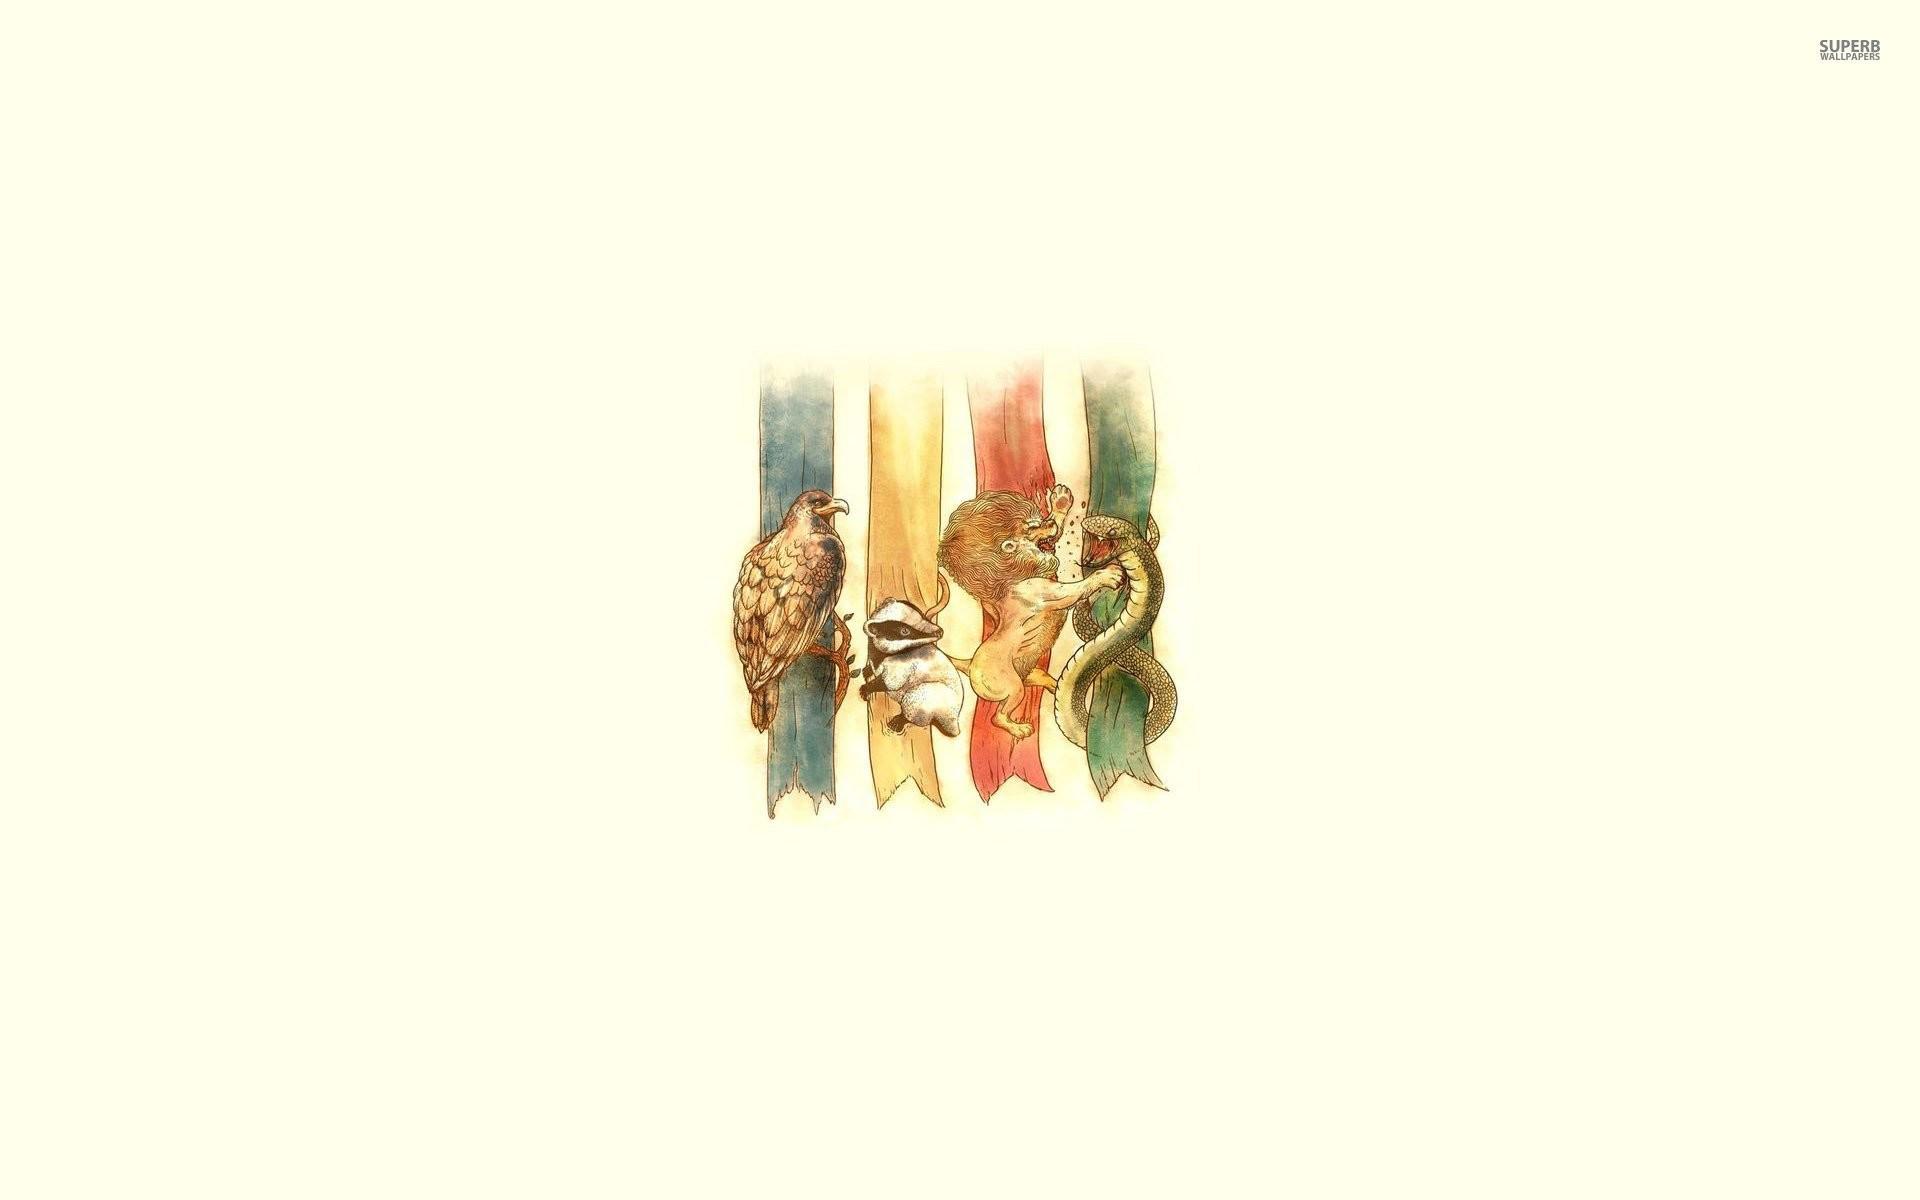 Slytherin,Gryffindor,Ravenclaw,Hogwarts,House,Harry Potter .